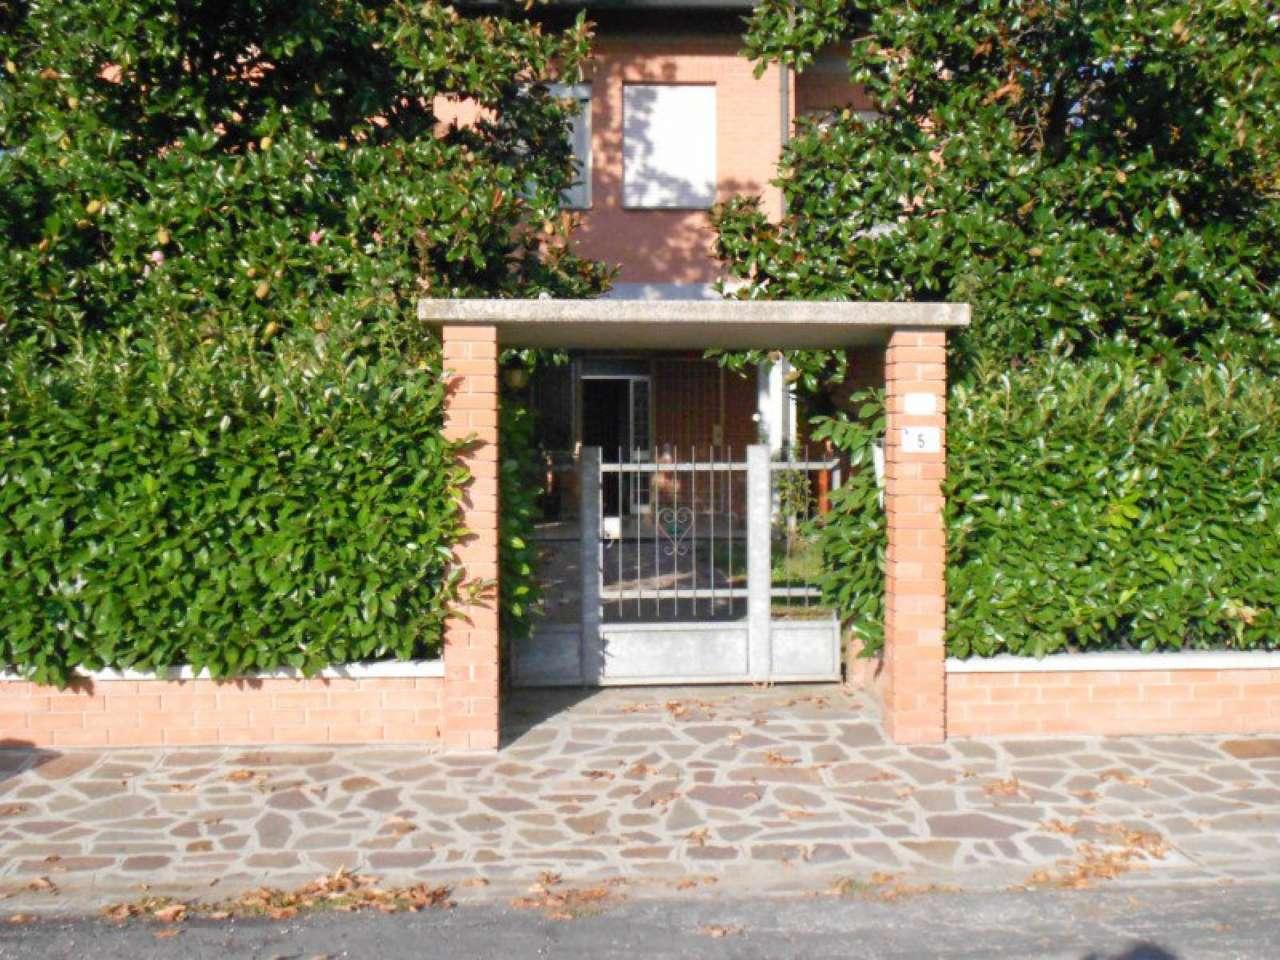 Villa in vendita a Castelfranco Emilia, 10 locali, prezzo € 375.000 | Cambio Casa.it